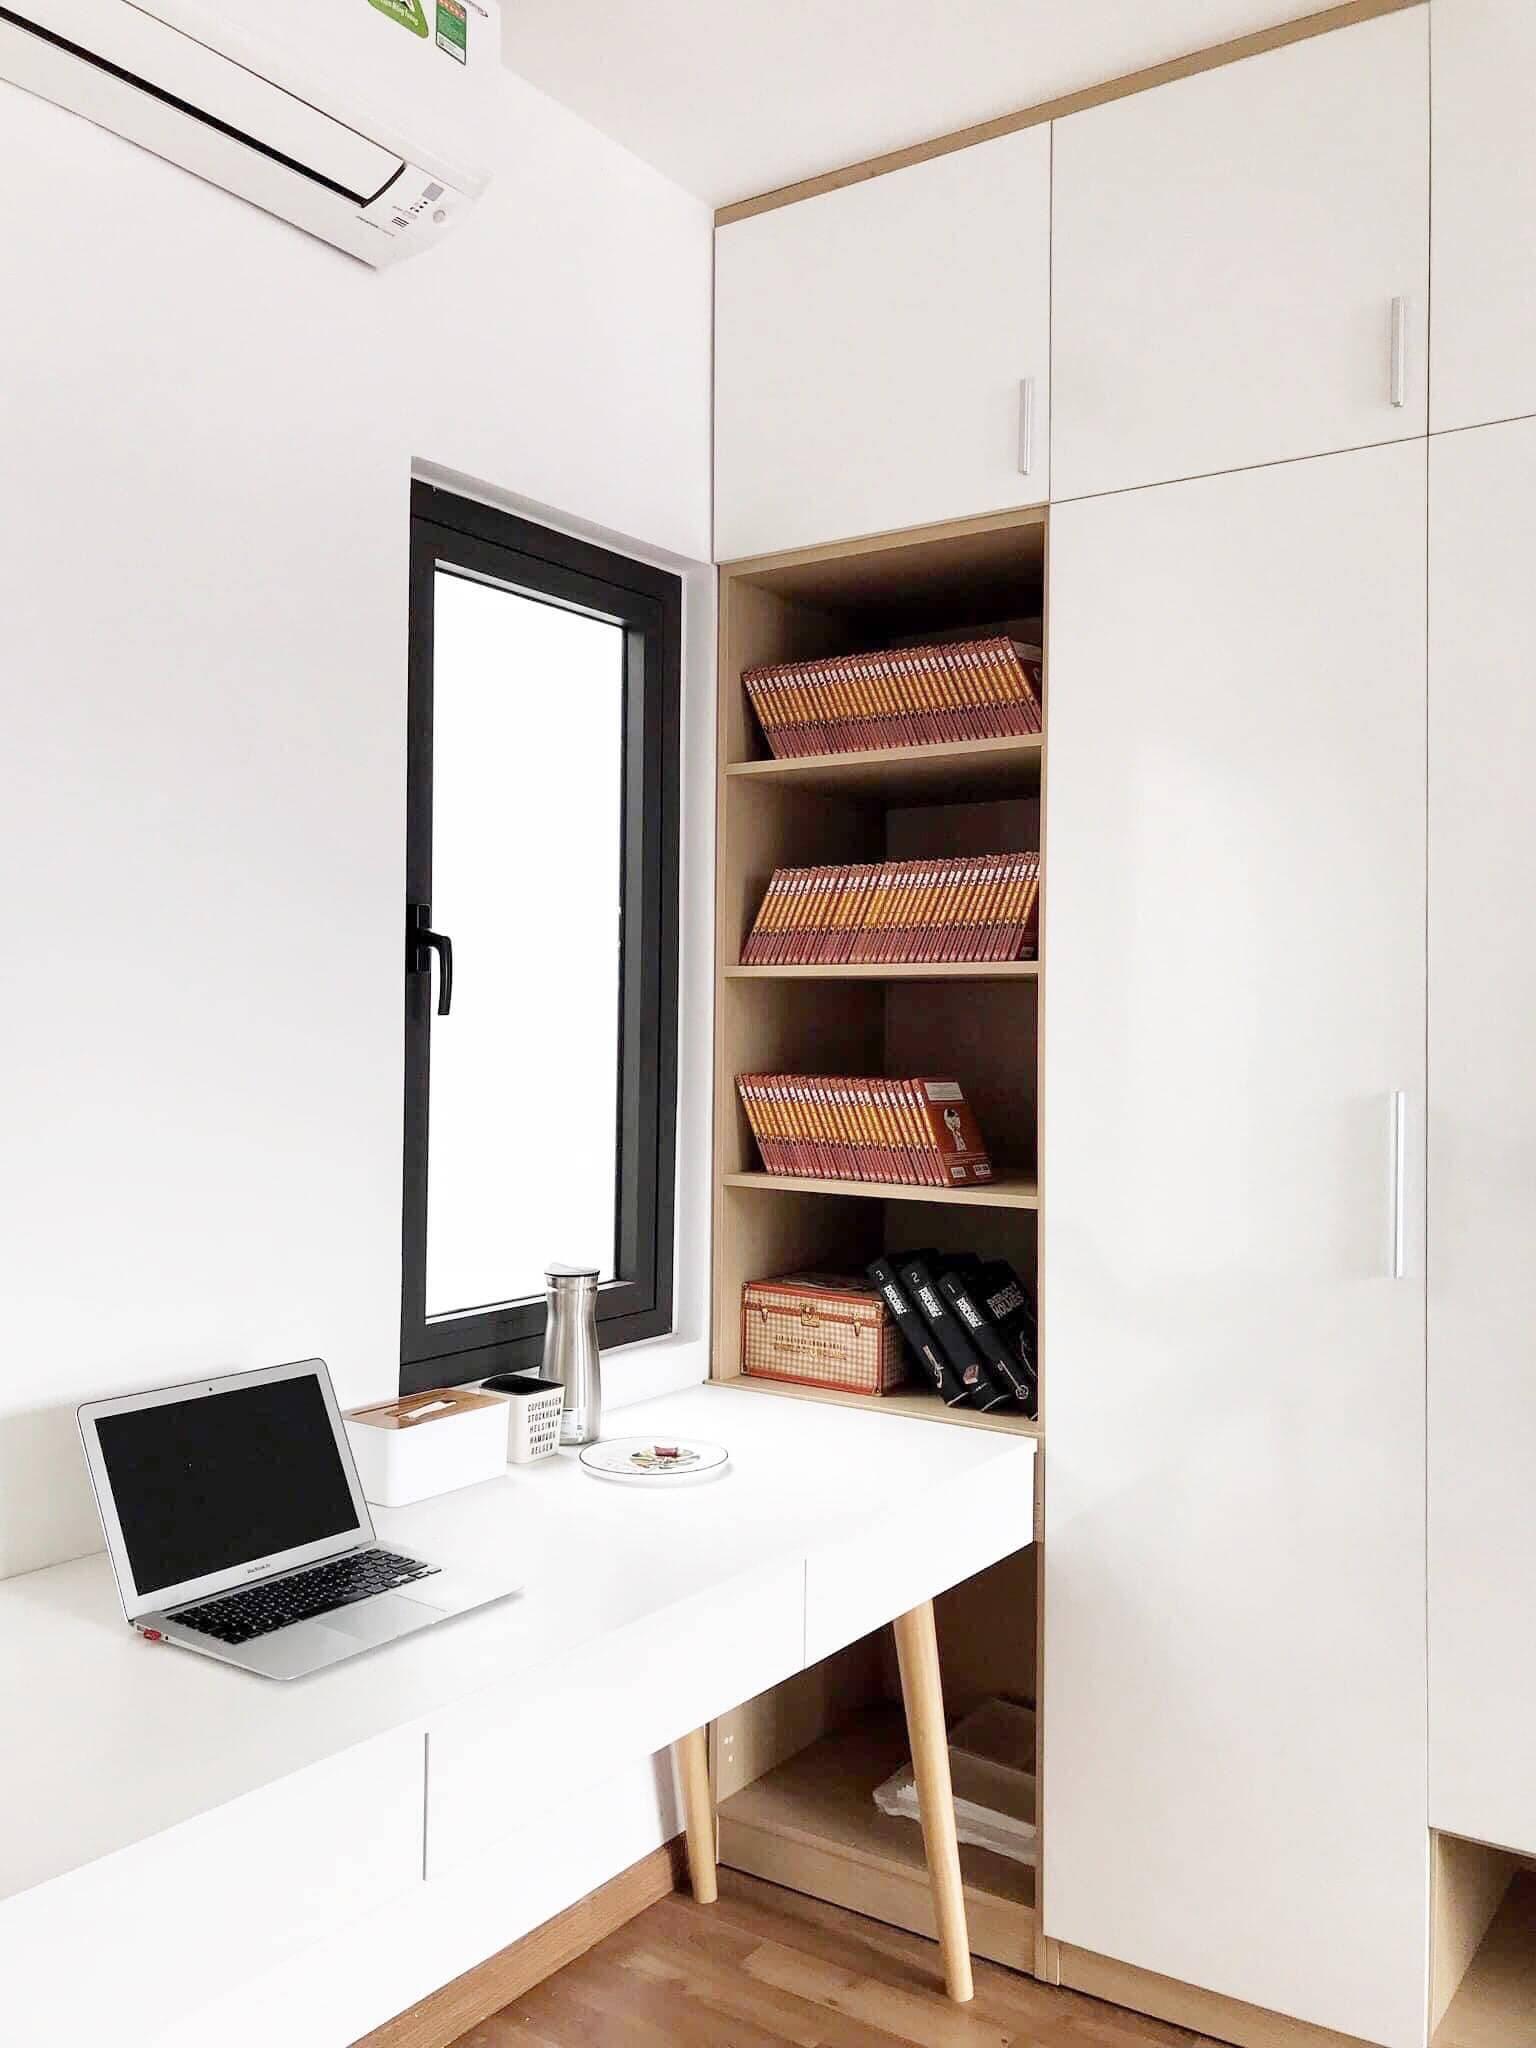 Góc làm việc cùng tủ cao sát trần để đồ dùng, sách truyện bên cạnh.